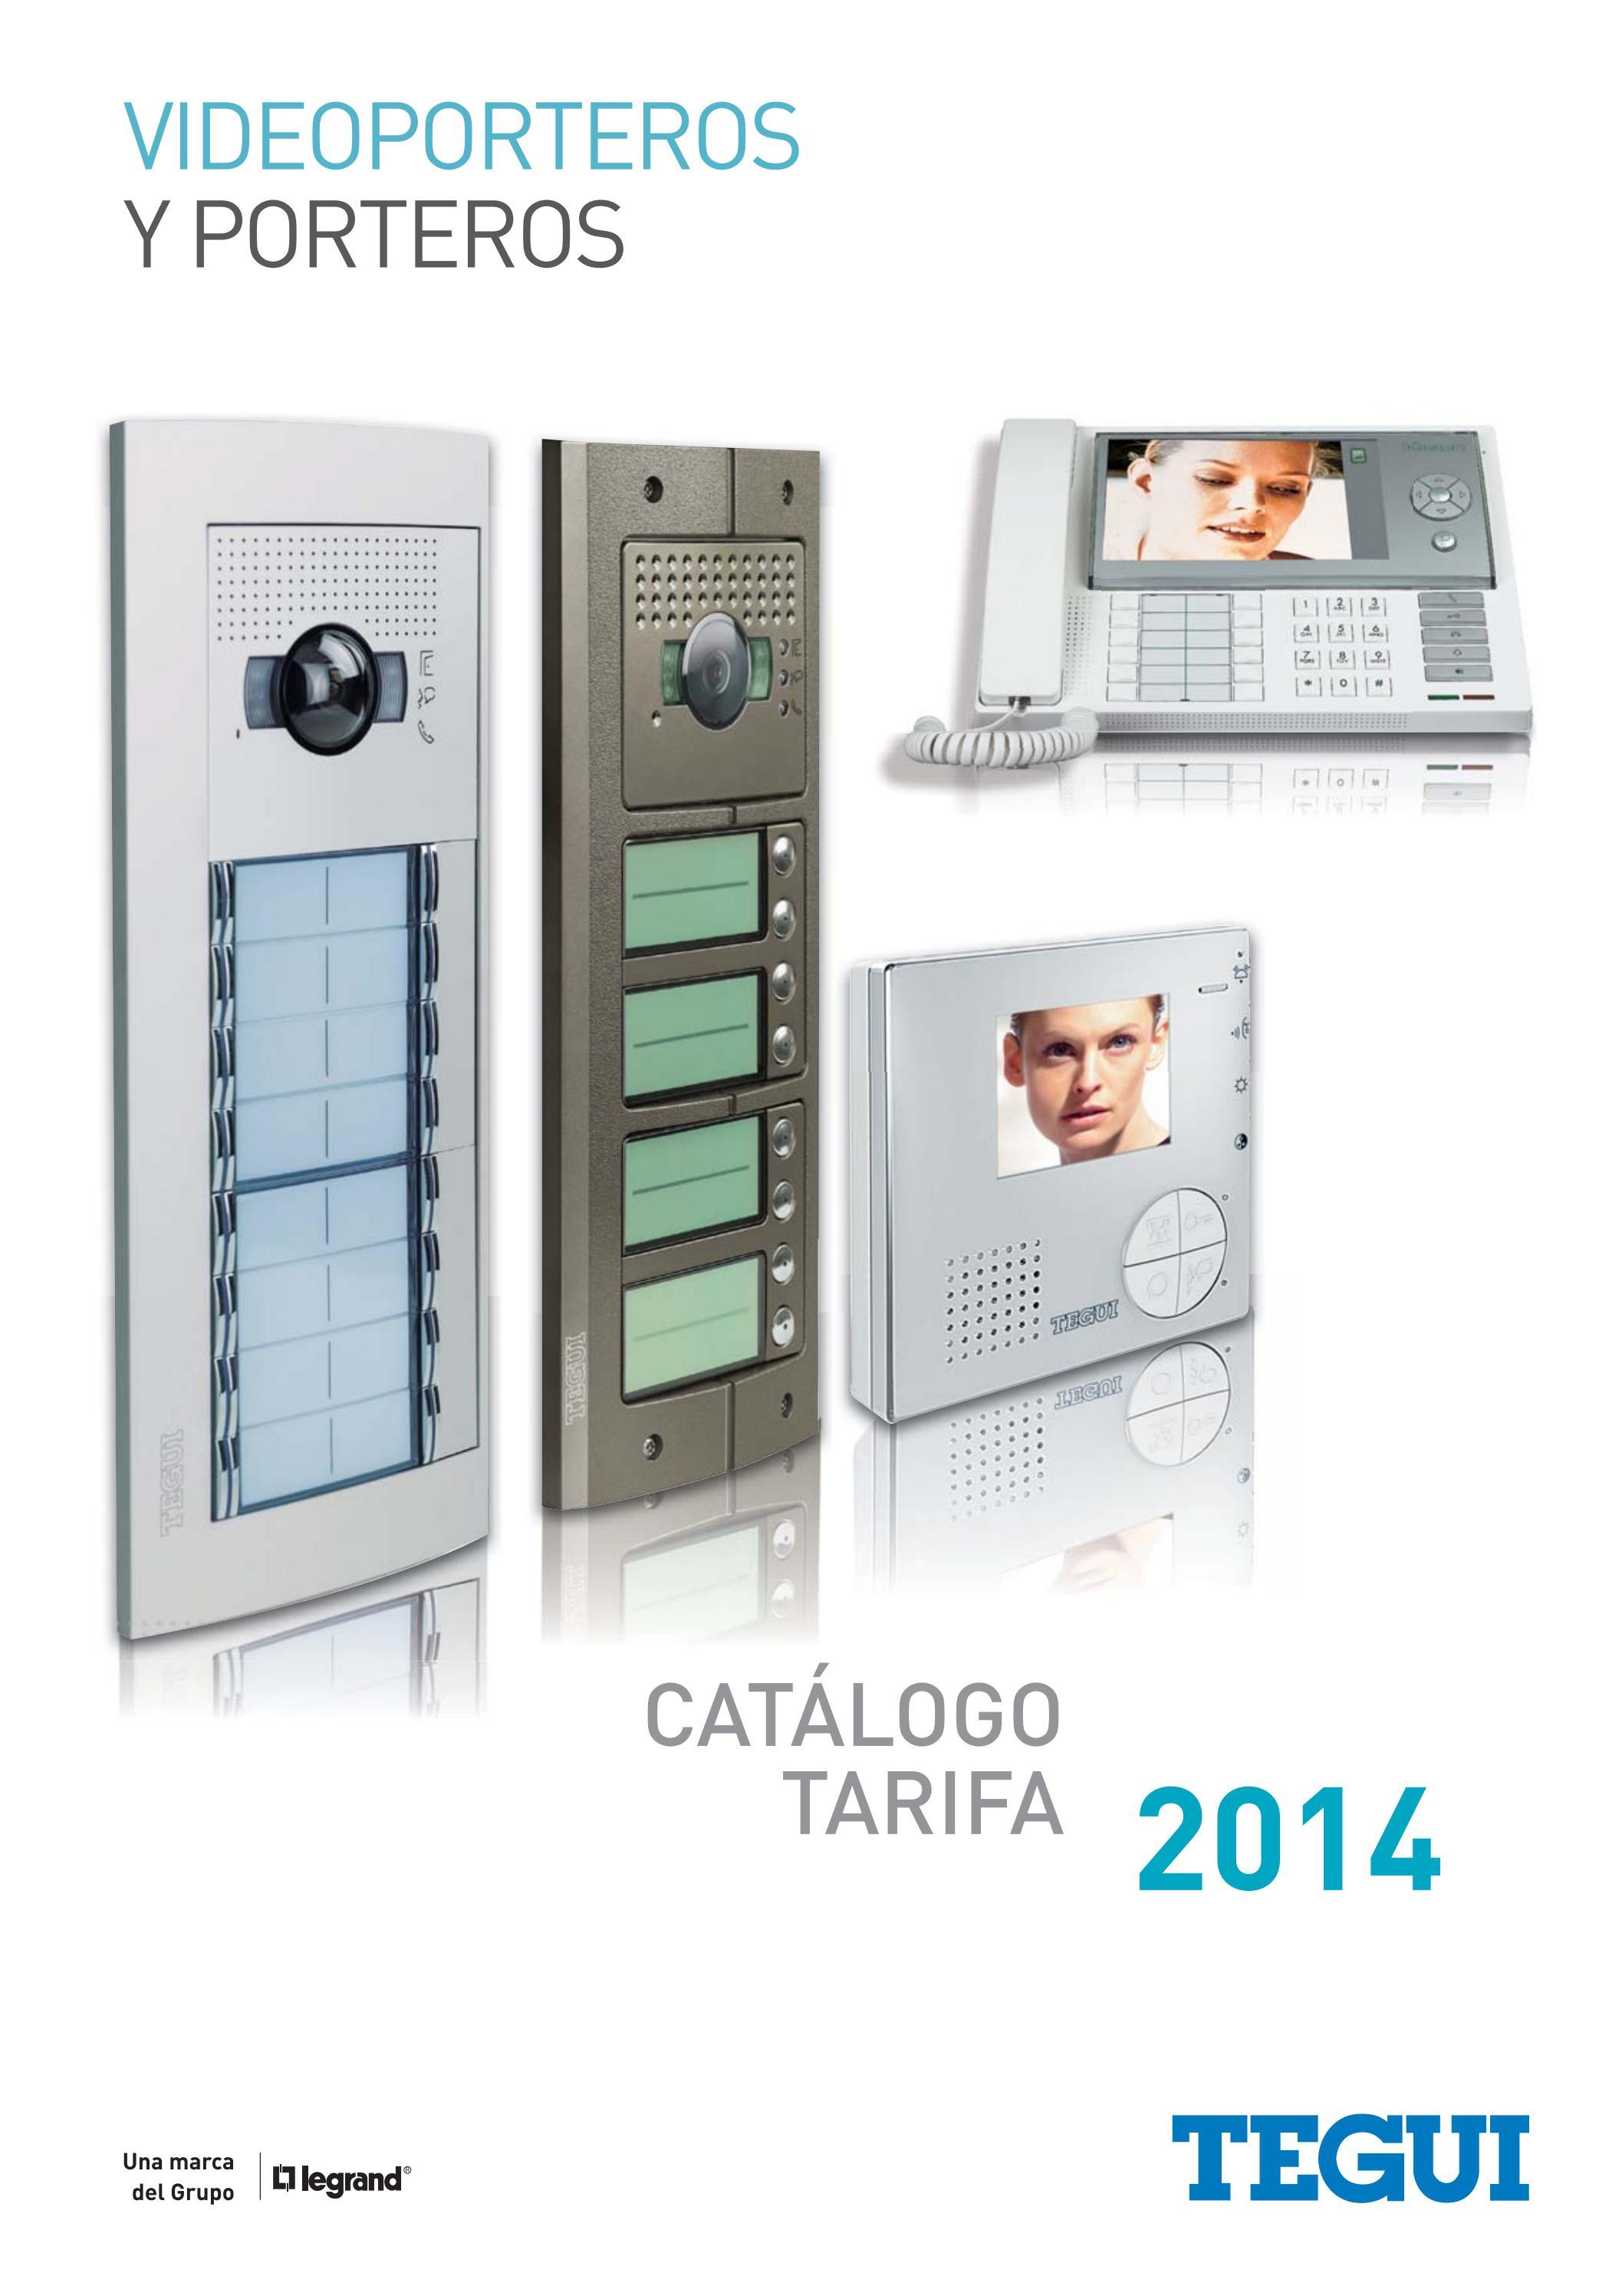 Catalogo tarifa videoporteros porteros tegui 2014 by gomez - Precio de videoporteros ...